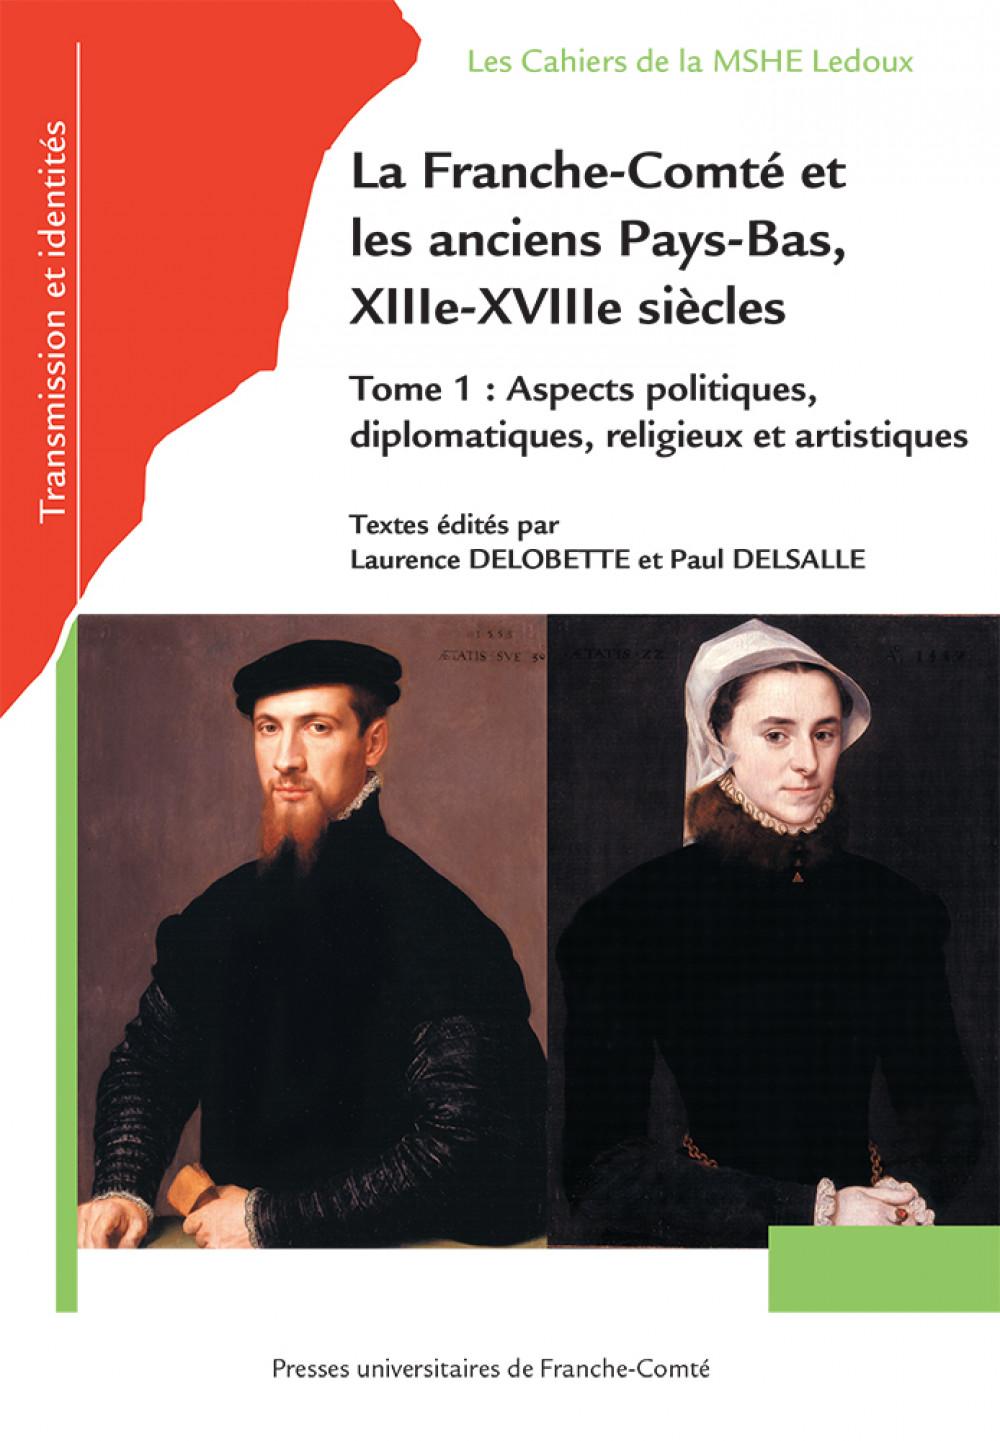 La Franche-Comté et les anciens Pays-Bas, <span style='font-variant: small-caps'>XIII</span><sup>e</sup>-<span style='font-variant: small-caps'>XVIII</span><sup>e</sup> siècles